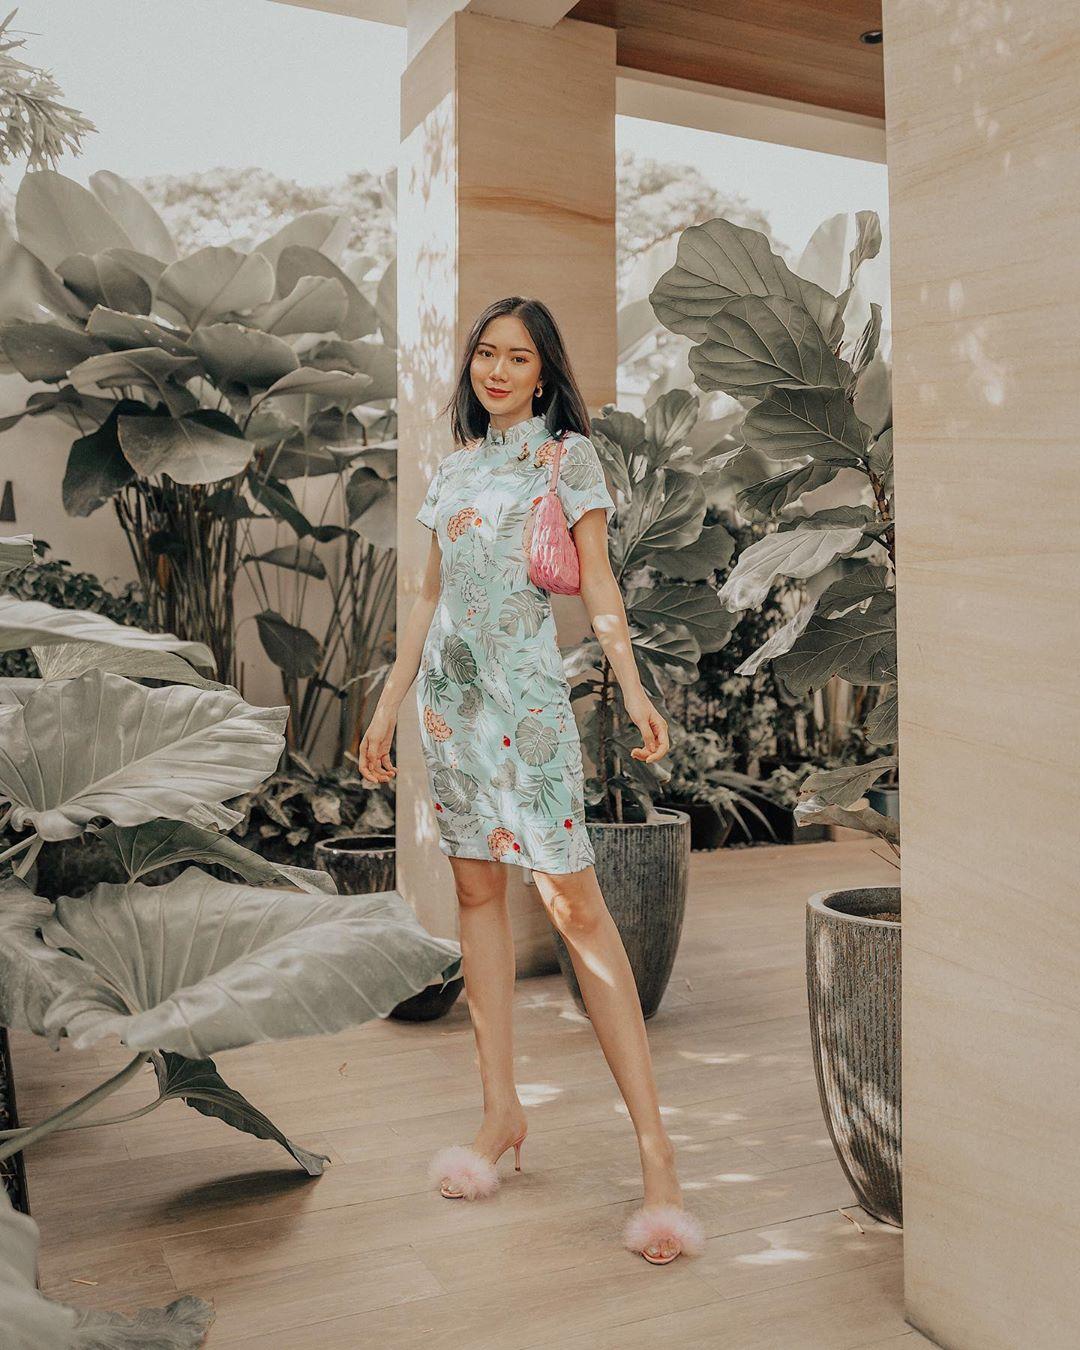 itscamilleco mặc áo sườn xám họa tiết hoa màu xanh mang túi xách màu hồng